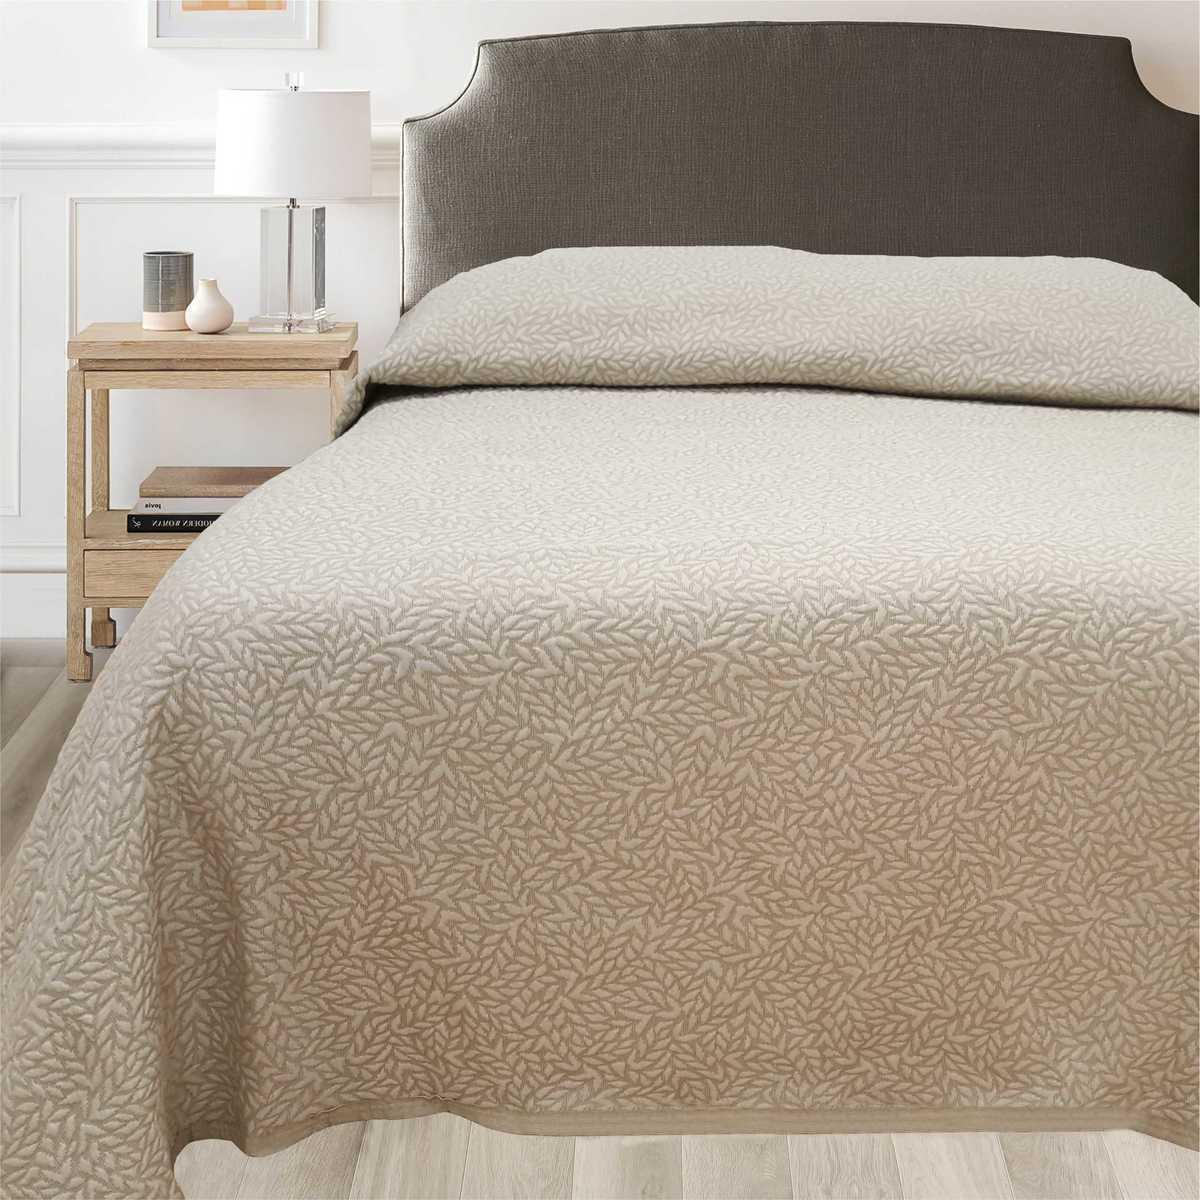 Forbyt, Prikrývka na posteľ, Leaf, béžový 240 x 260 cm